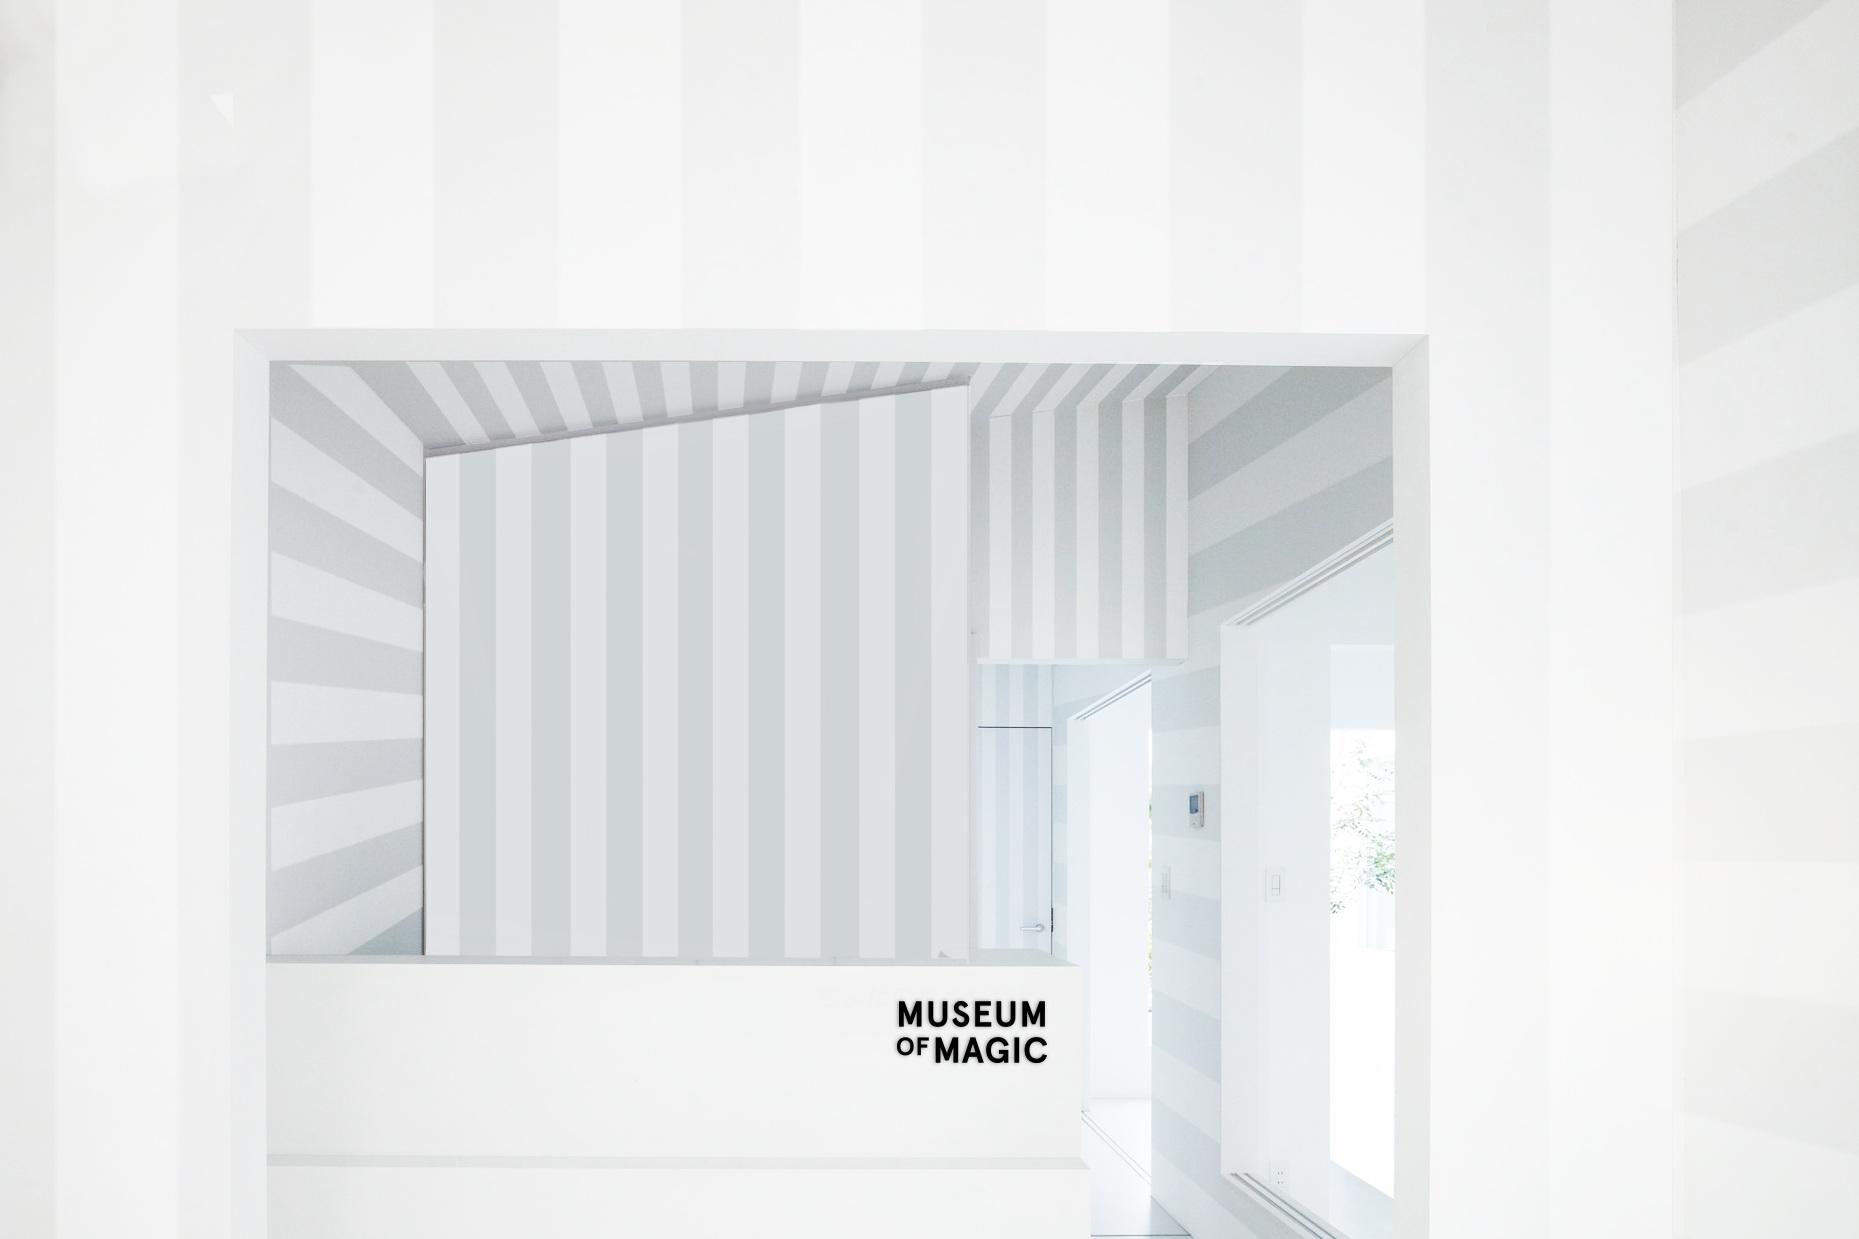 MUSEUM OF MAGIC Branding, Environmental Design